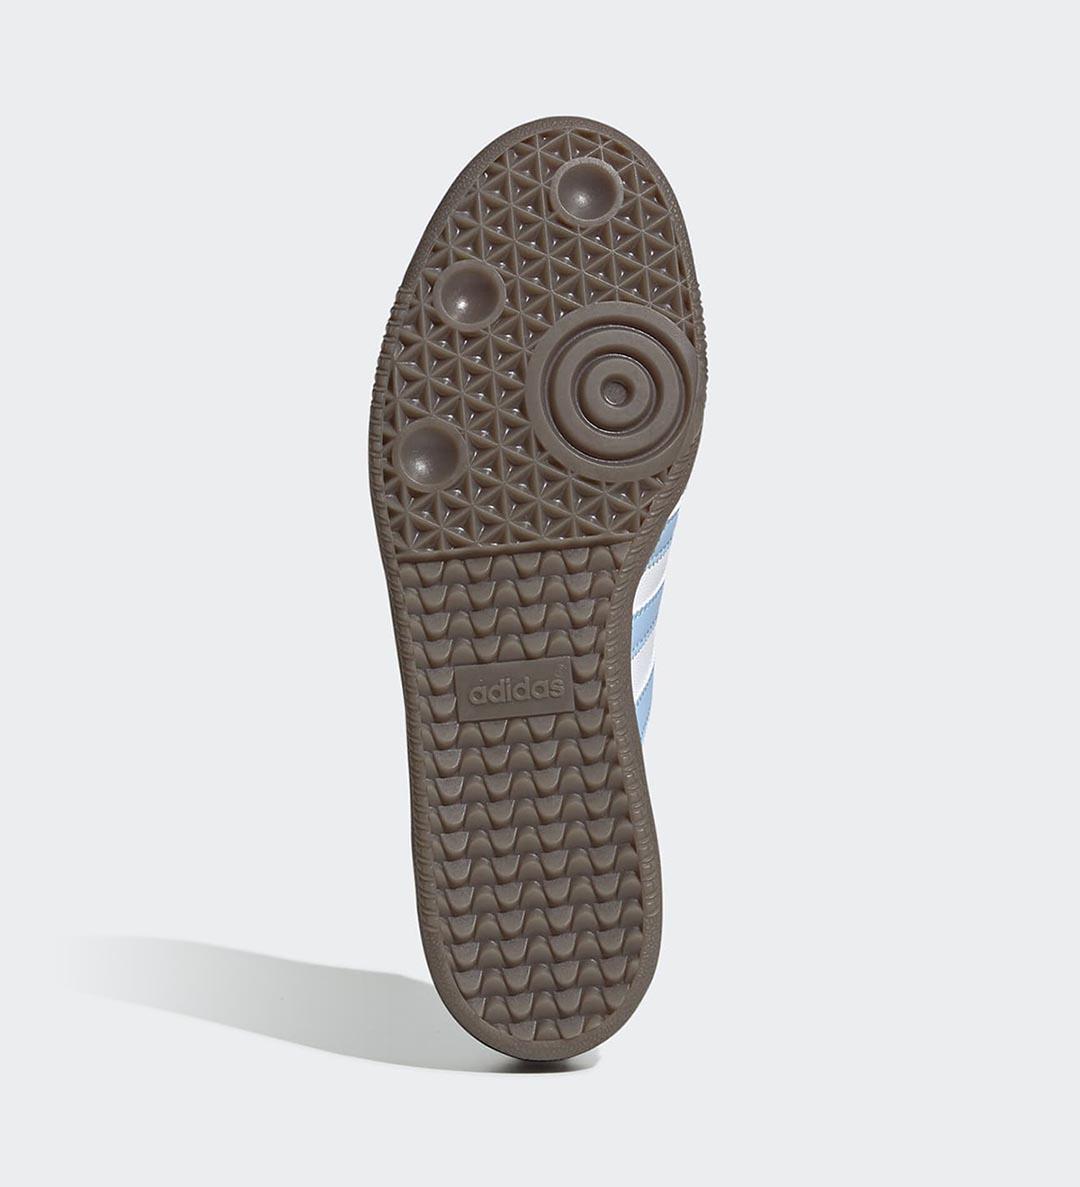 adidas-samba-og-white-light-blue-eg9327-release-date-info-6